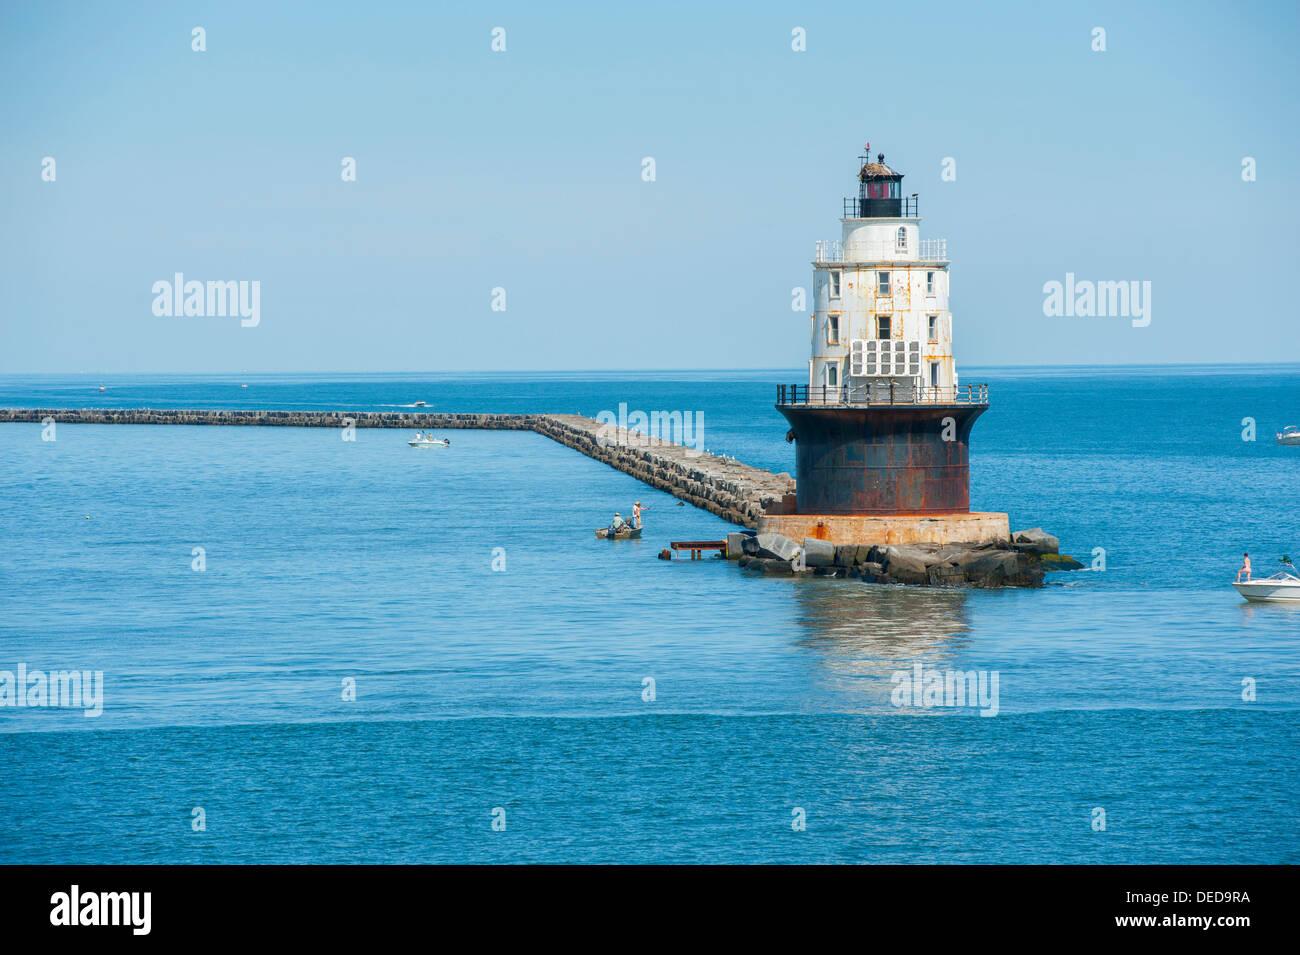 delaware-de-usa-harbor-of-refuge-lighthouse-in-the-delaware-bay-near-DED9RA.jpg